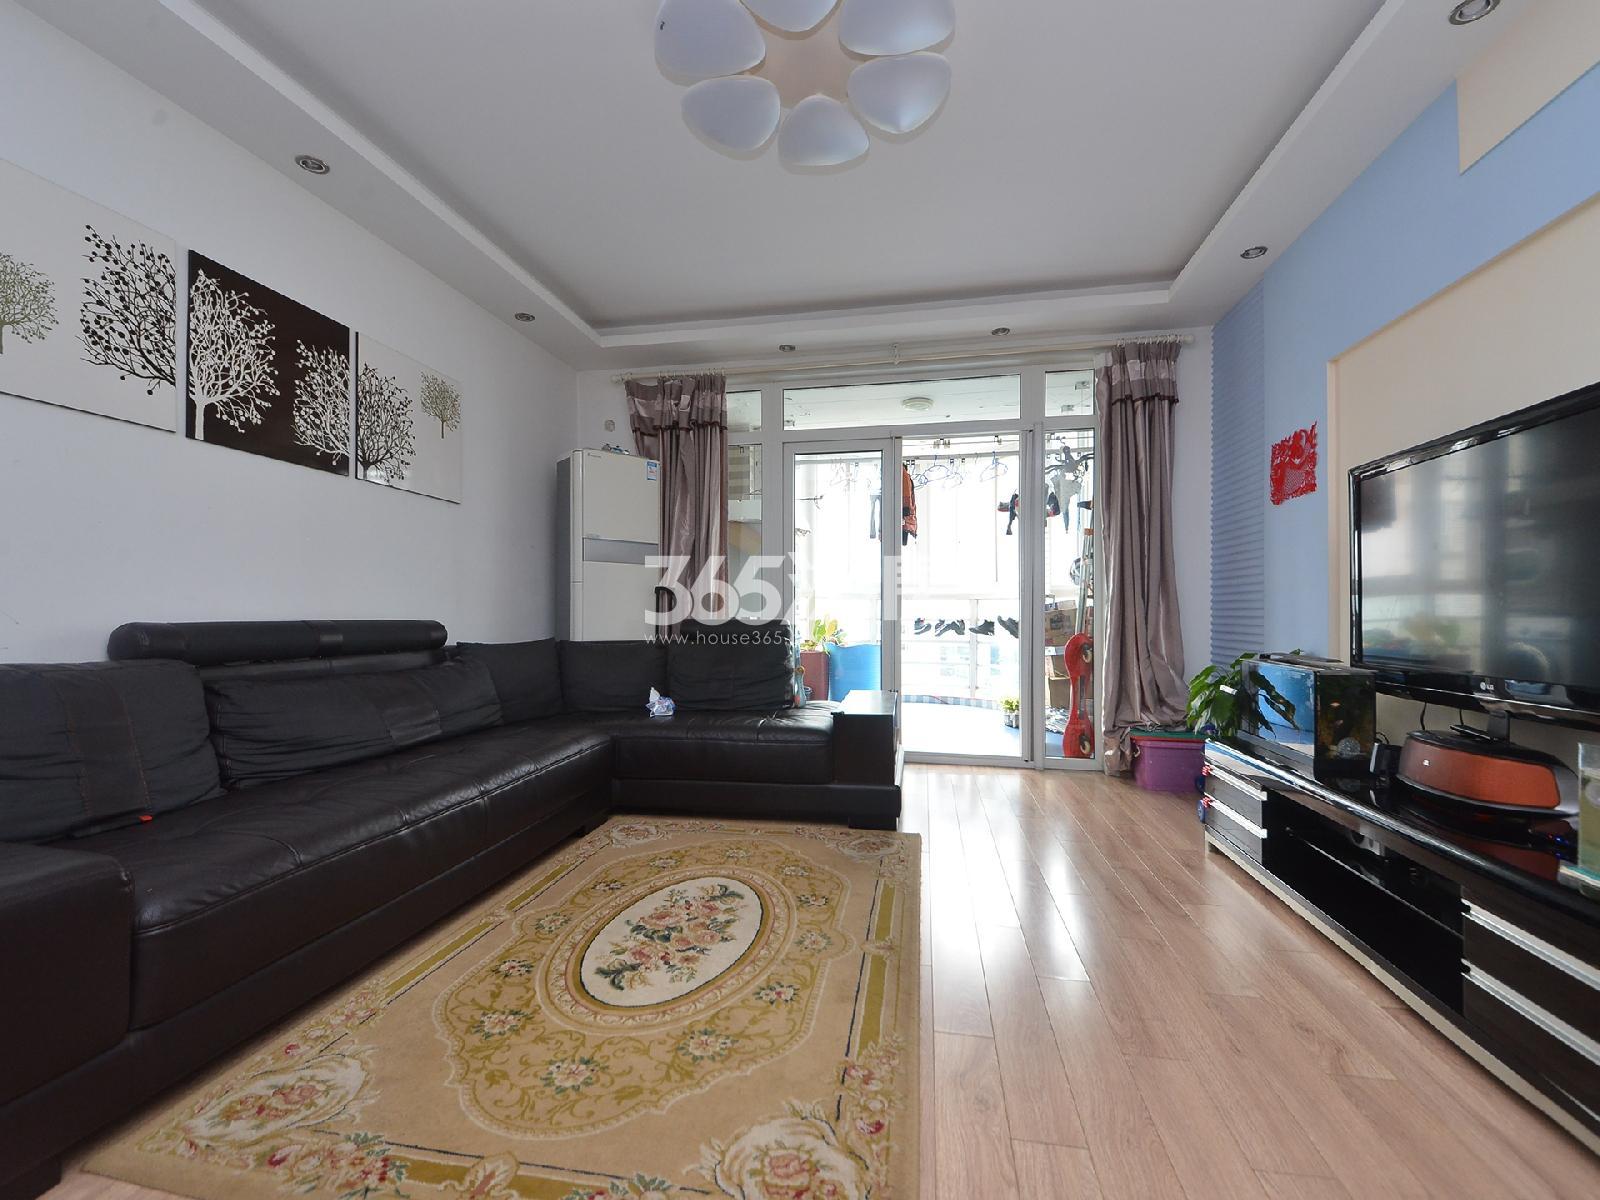 鸿信清新家园3室2厅2卫118平米精装产权房2012年建